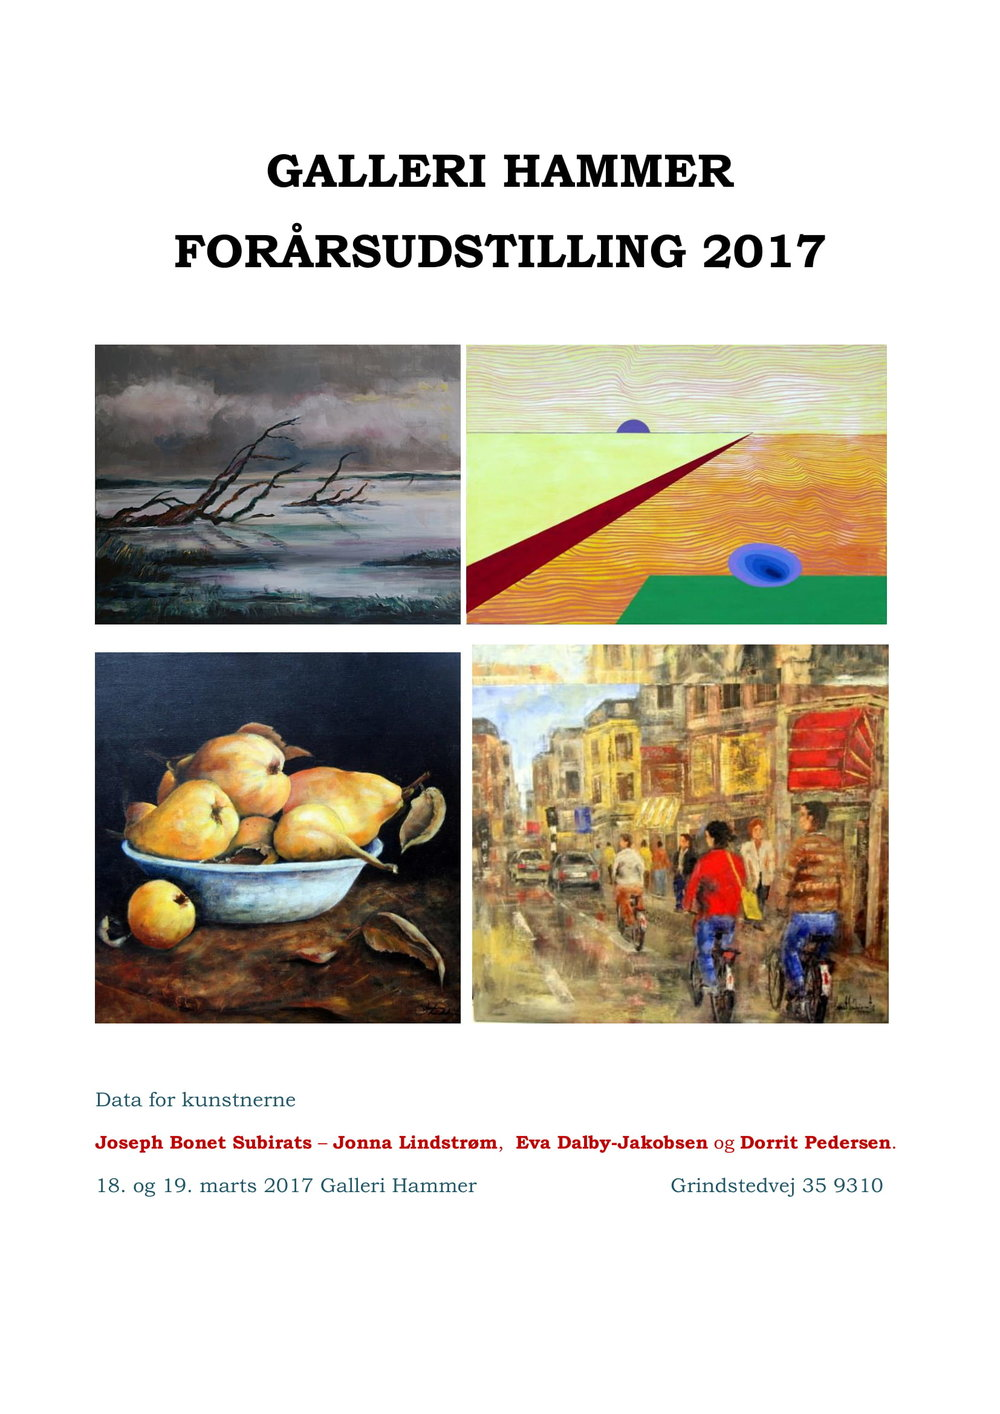 katalog forårsudstilling 2017-1.jpg